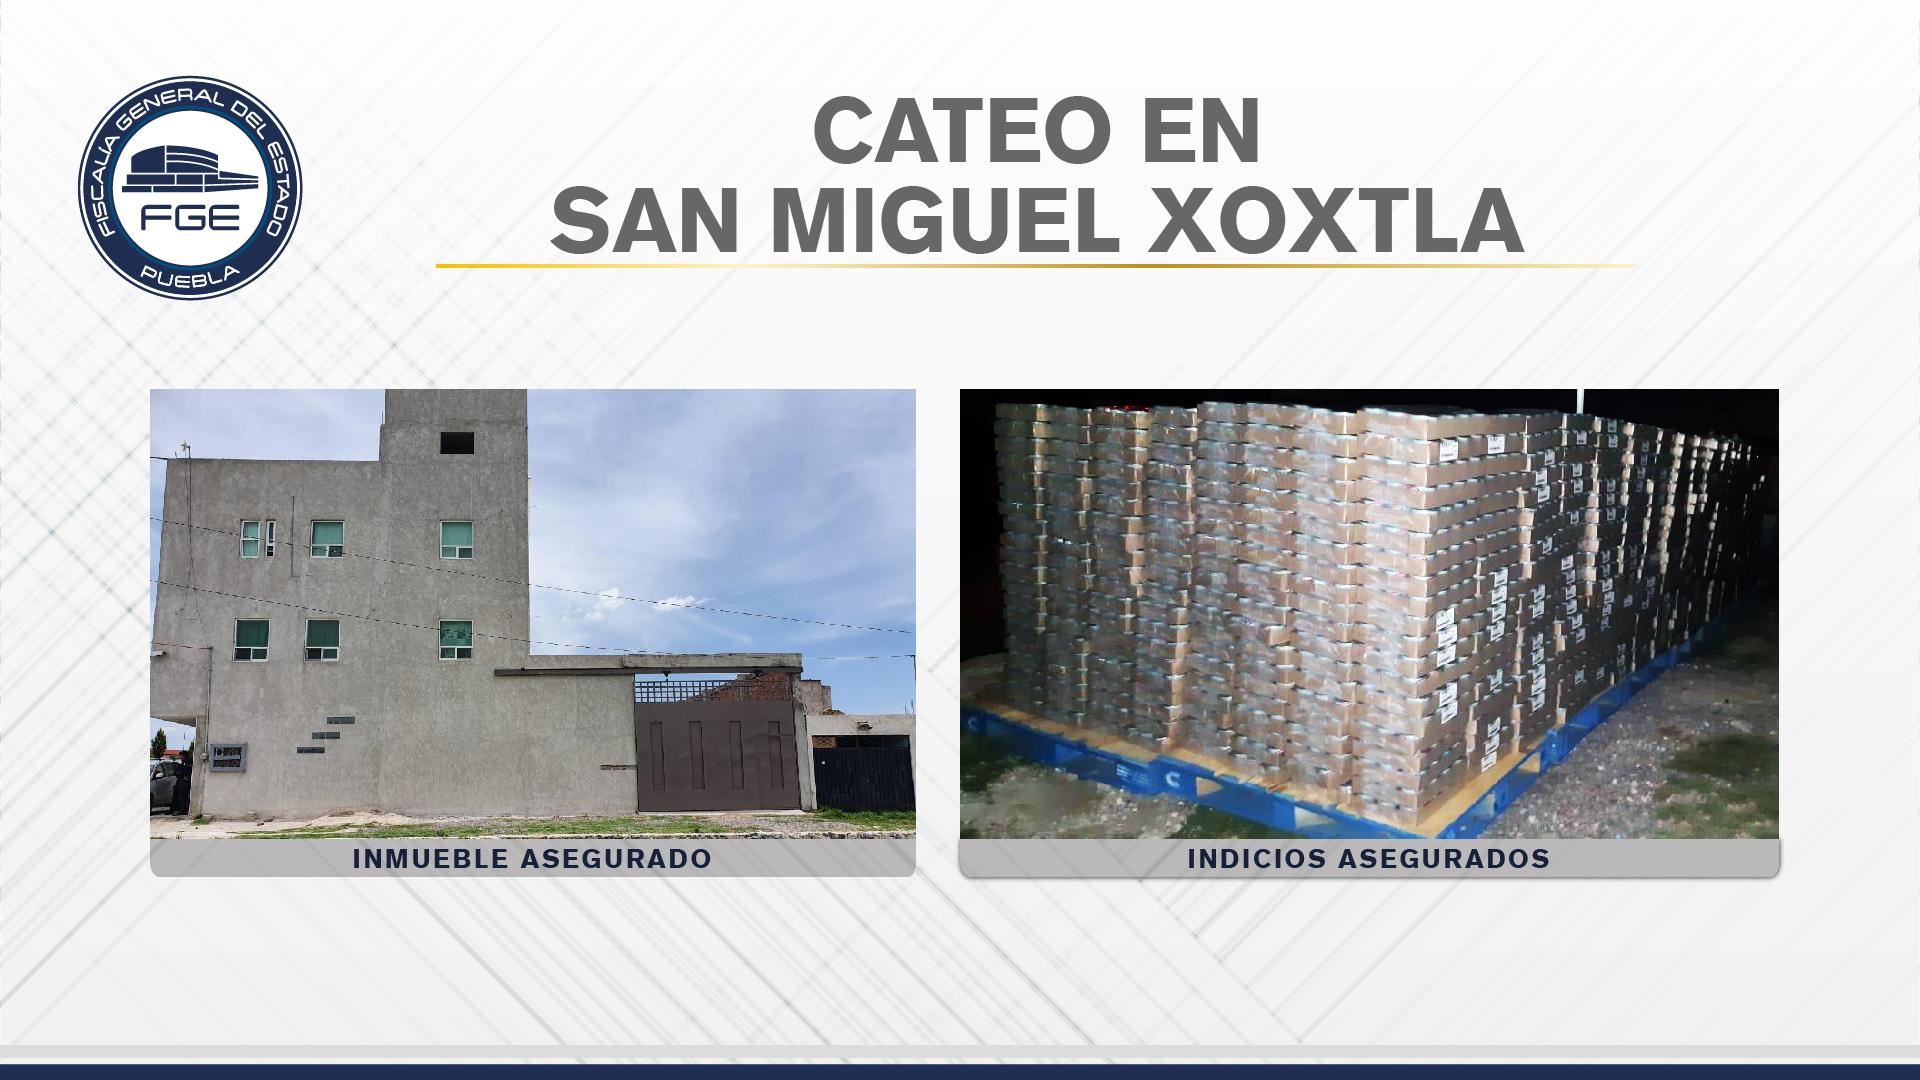 FGE recuperó en Xoxtla más de 90 mil latas de atún robadas